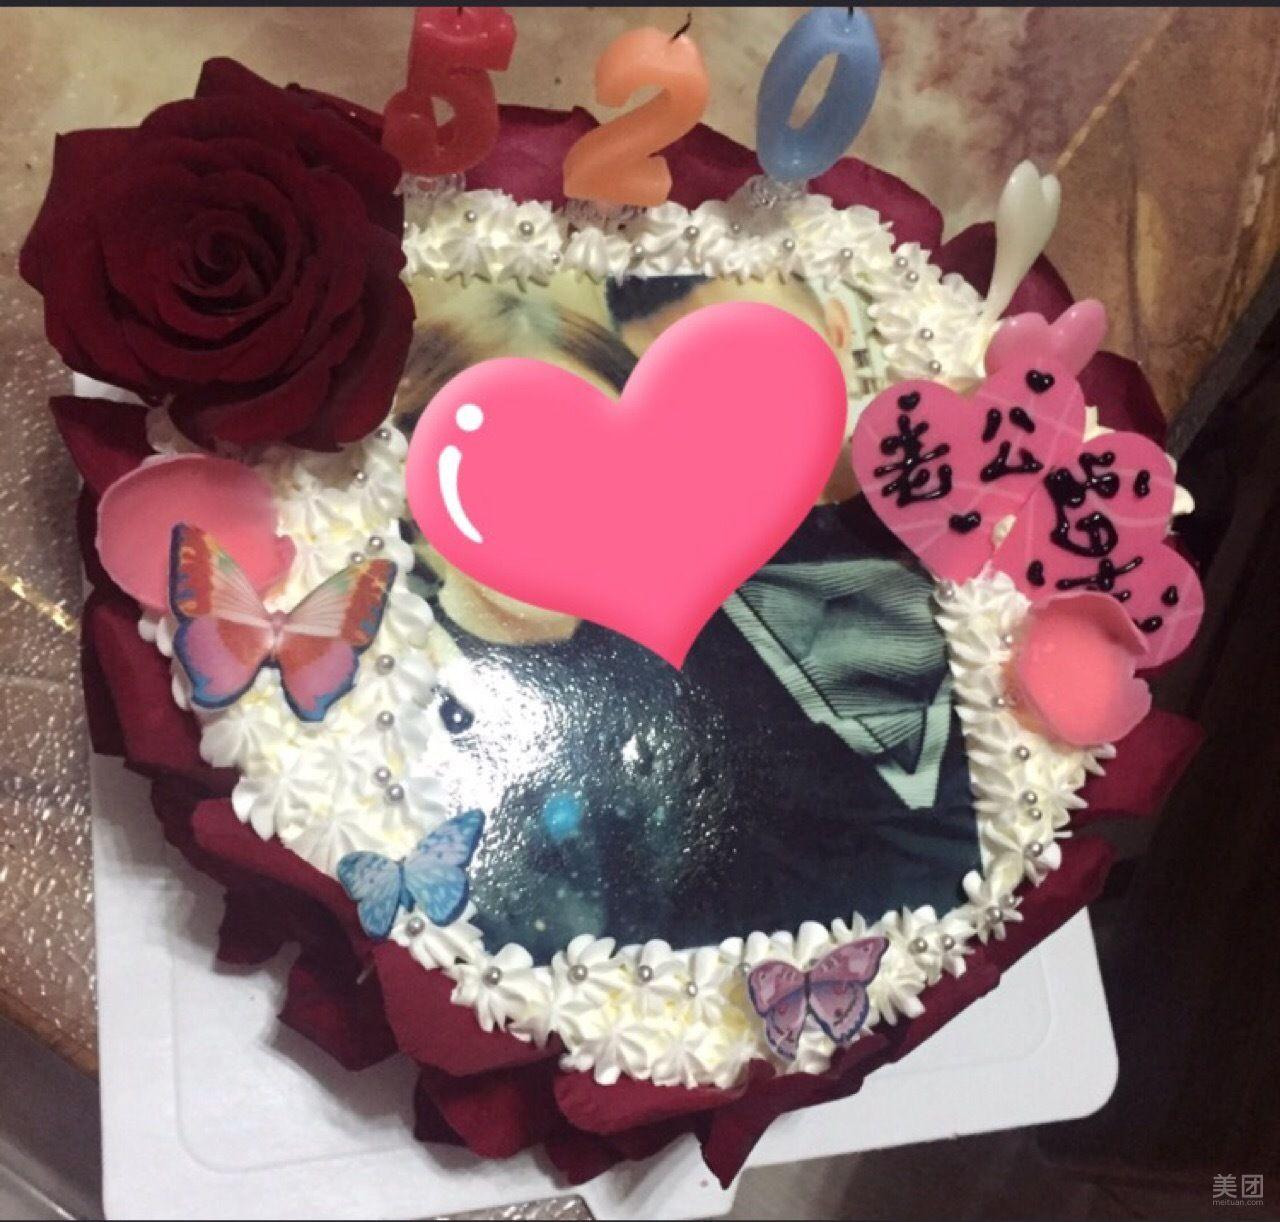 糖妃创意蛋糕